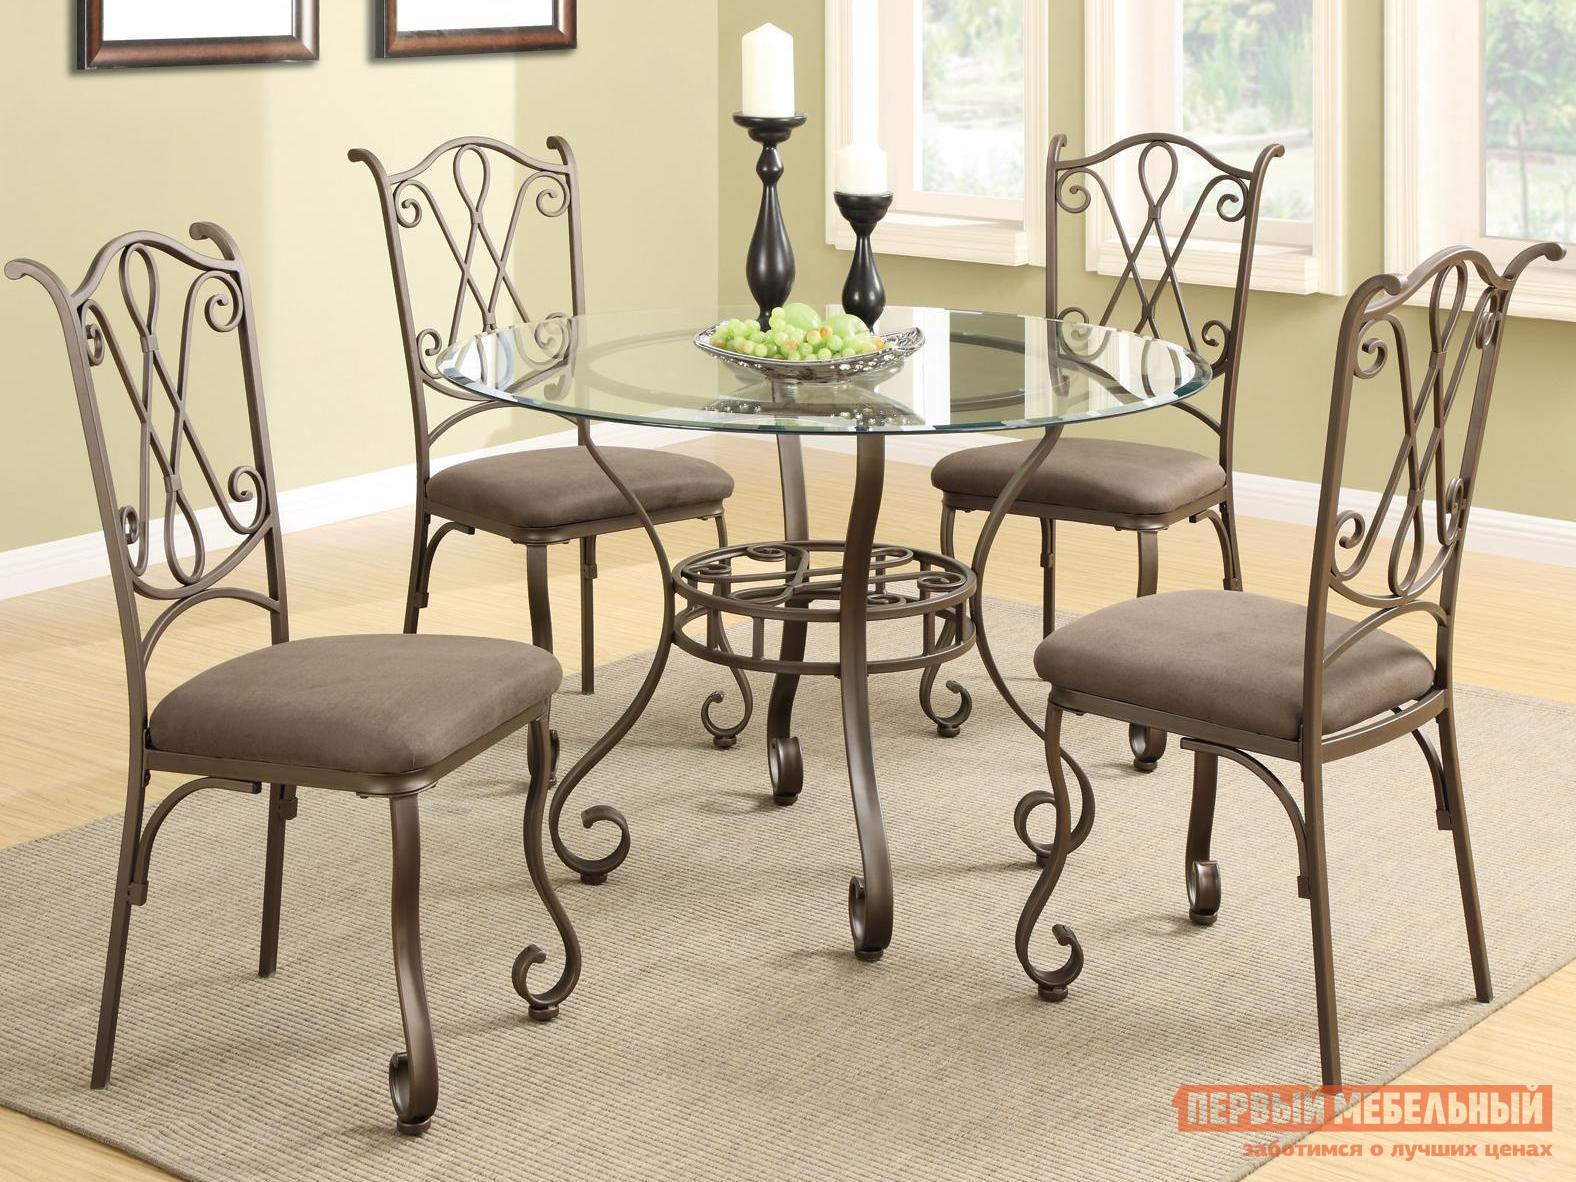 Обеденная группа для столовой и гостиной МебельТорг 2819/2719 Темно-коричневый